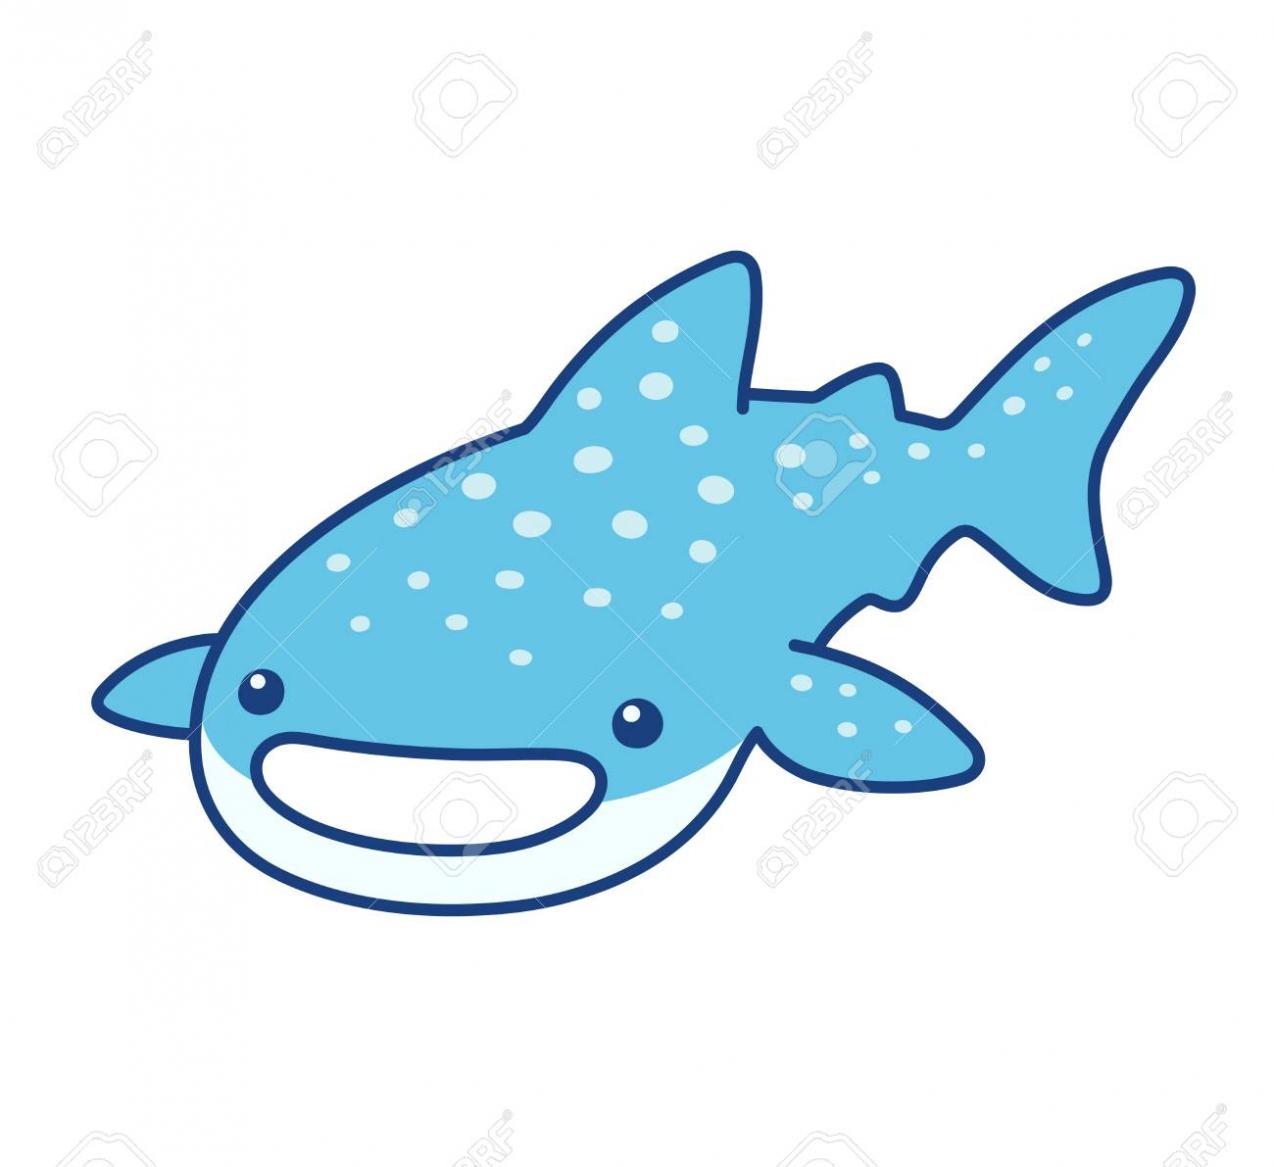 1274x1167 drawing cute shark drawing cute baby shark drawing funny shark